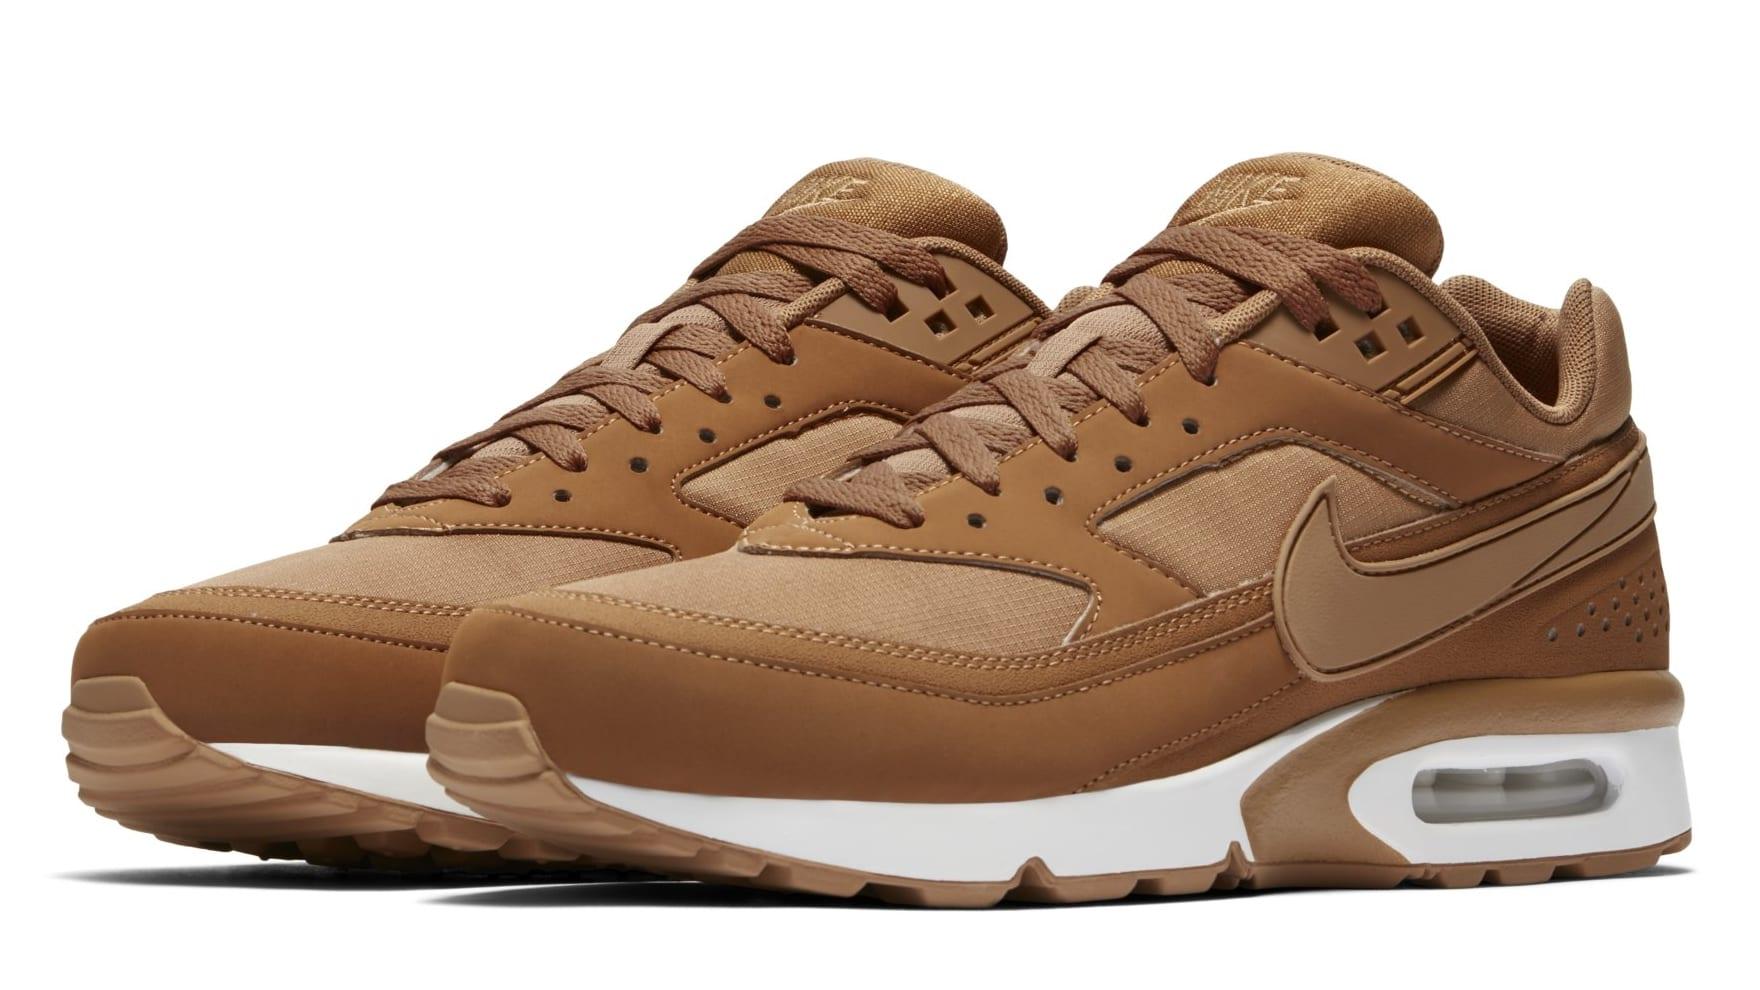 Nike Air Max BW Flax